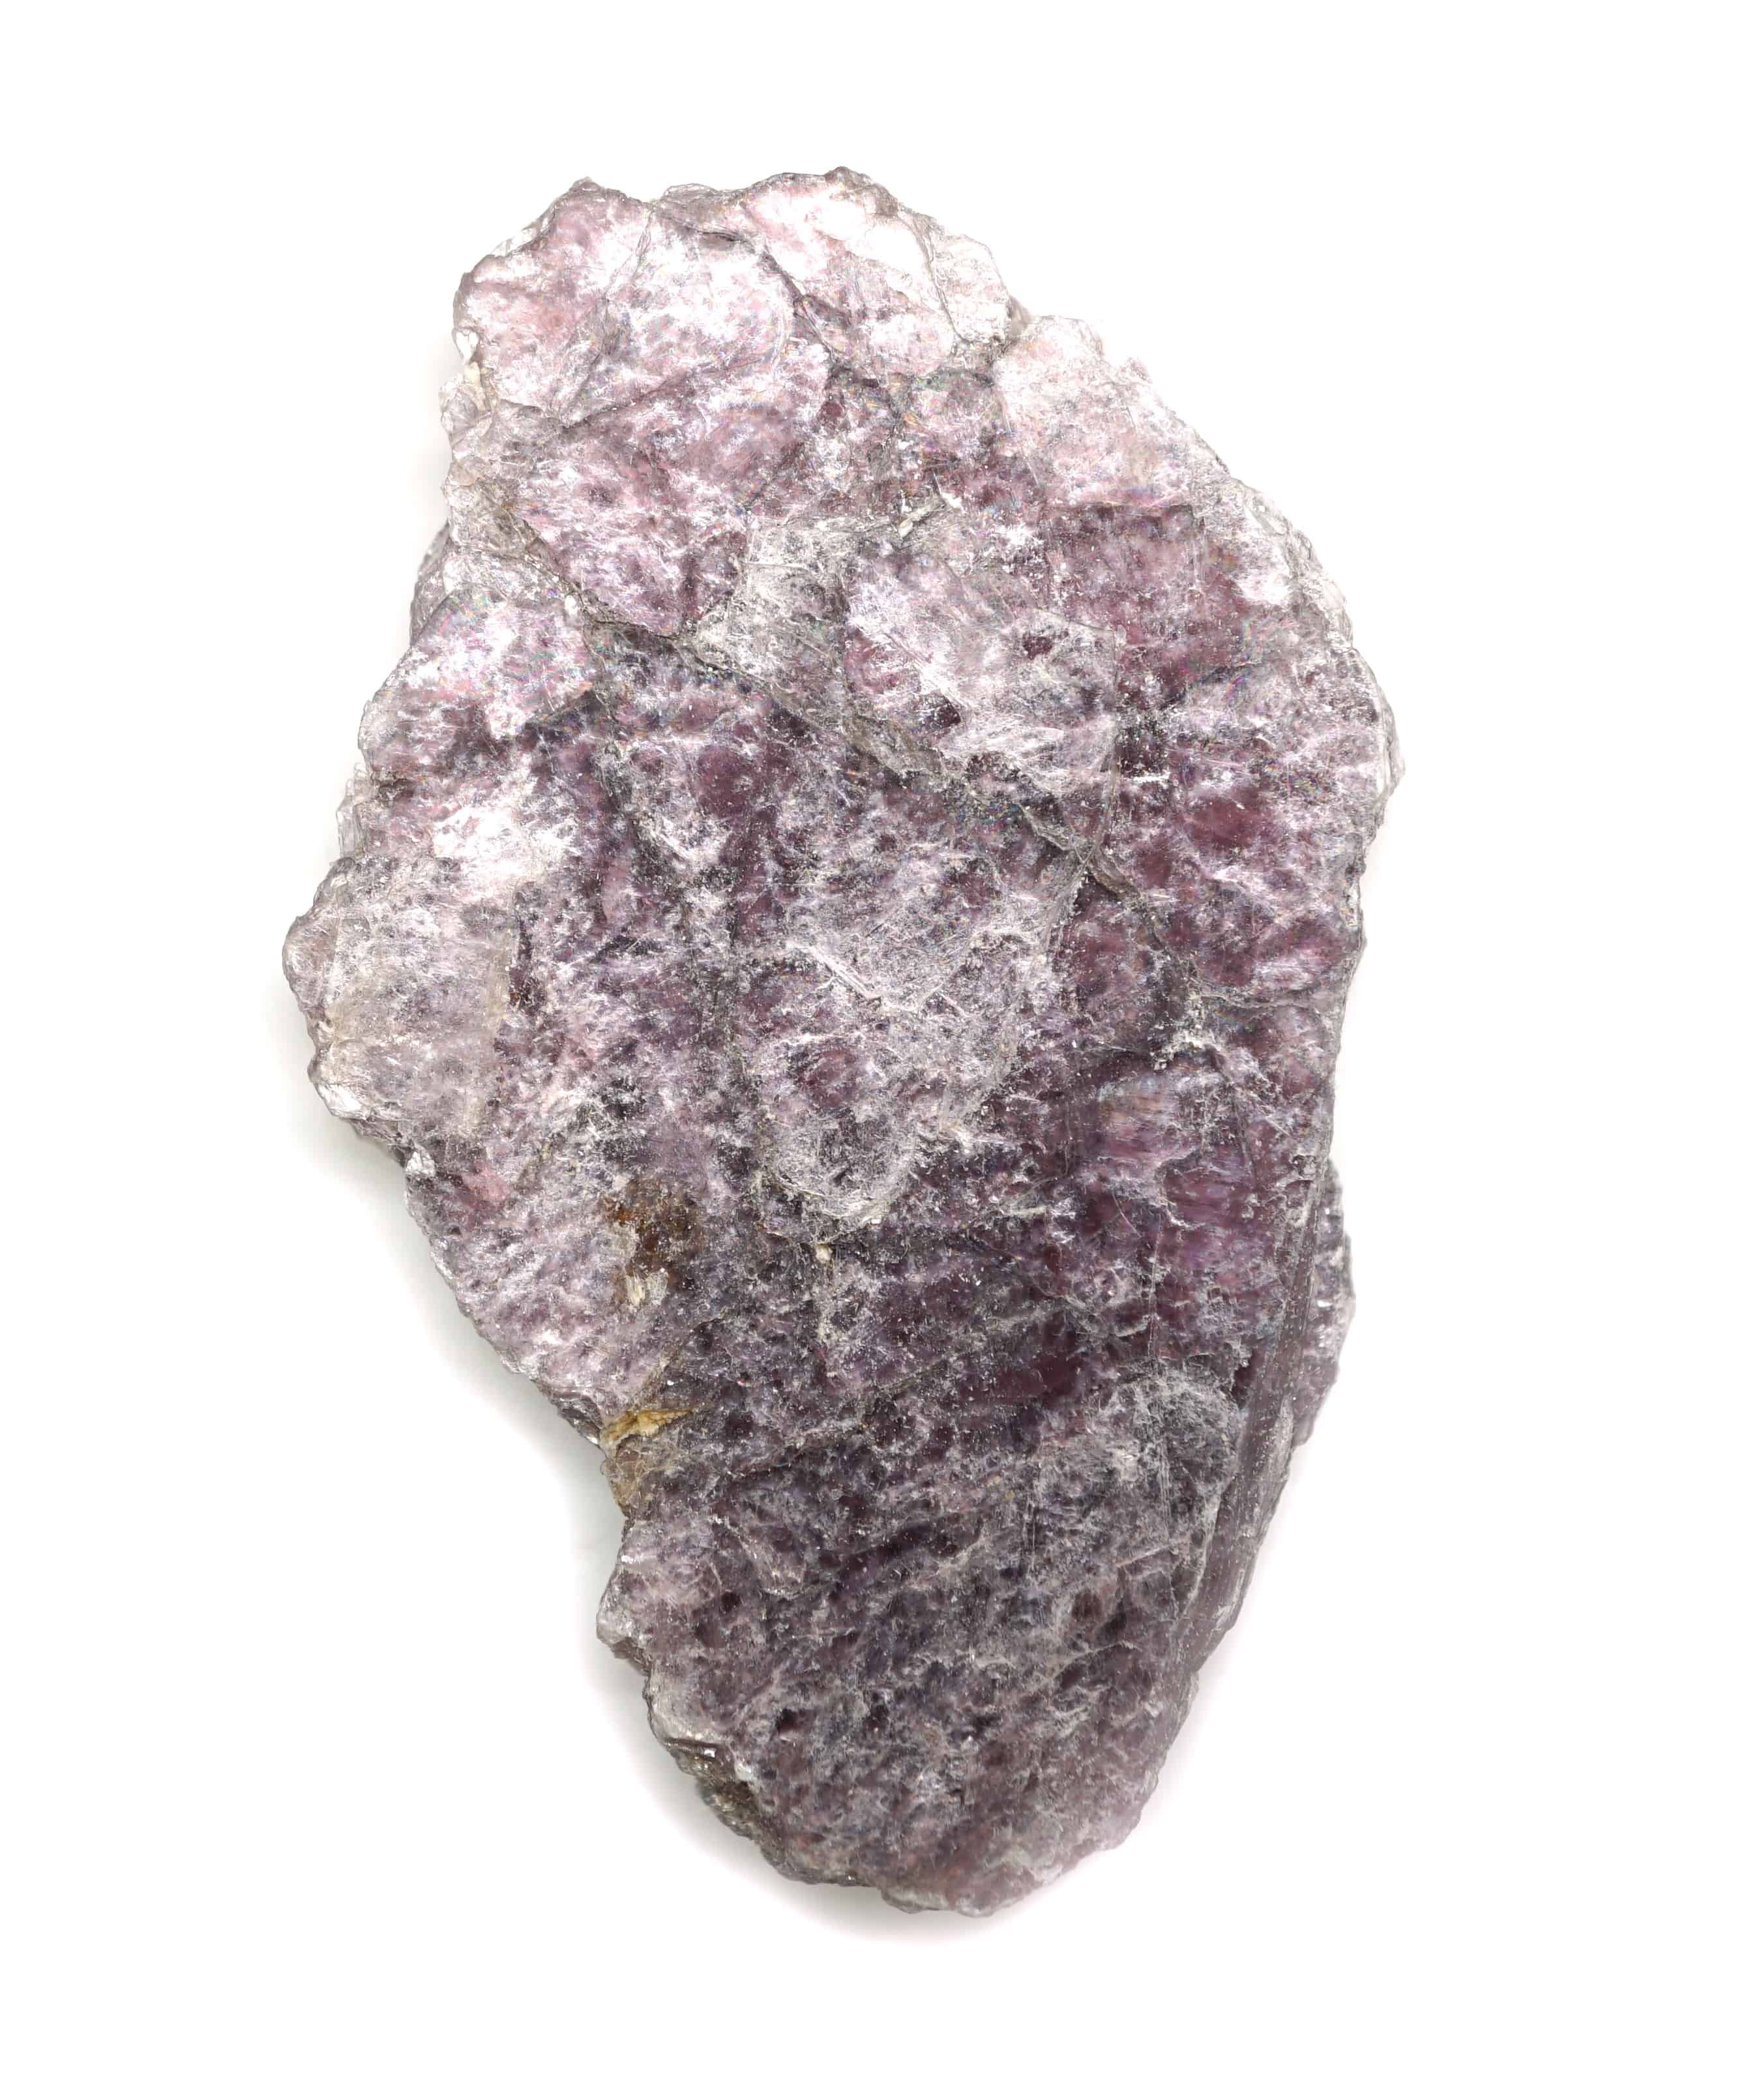 Đá lepidolite là gì? Bạn đã biết gì về đá lepidolite? 3